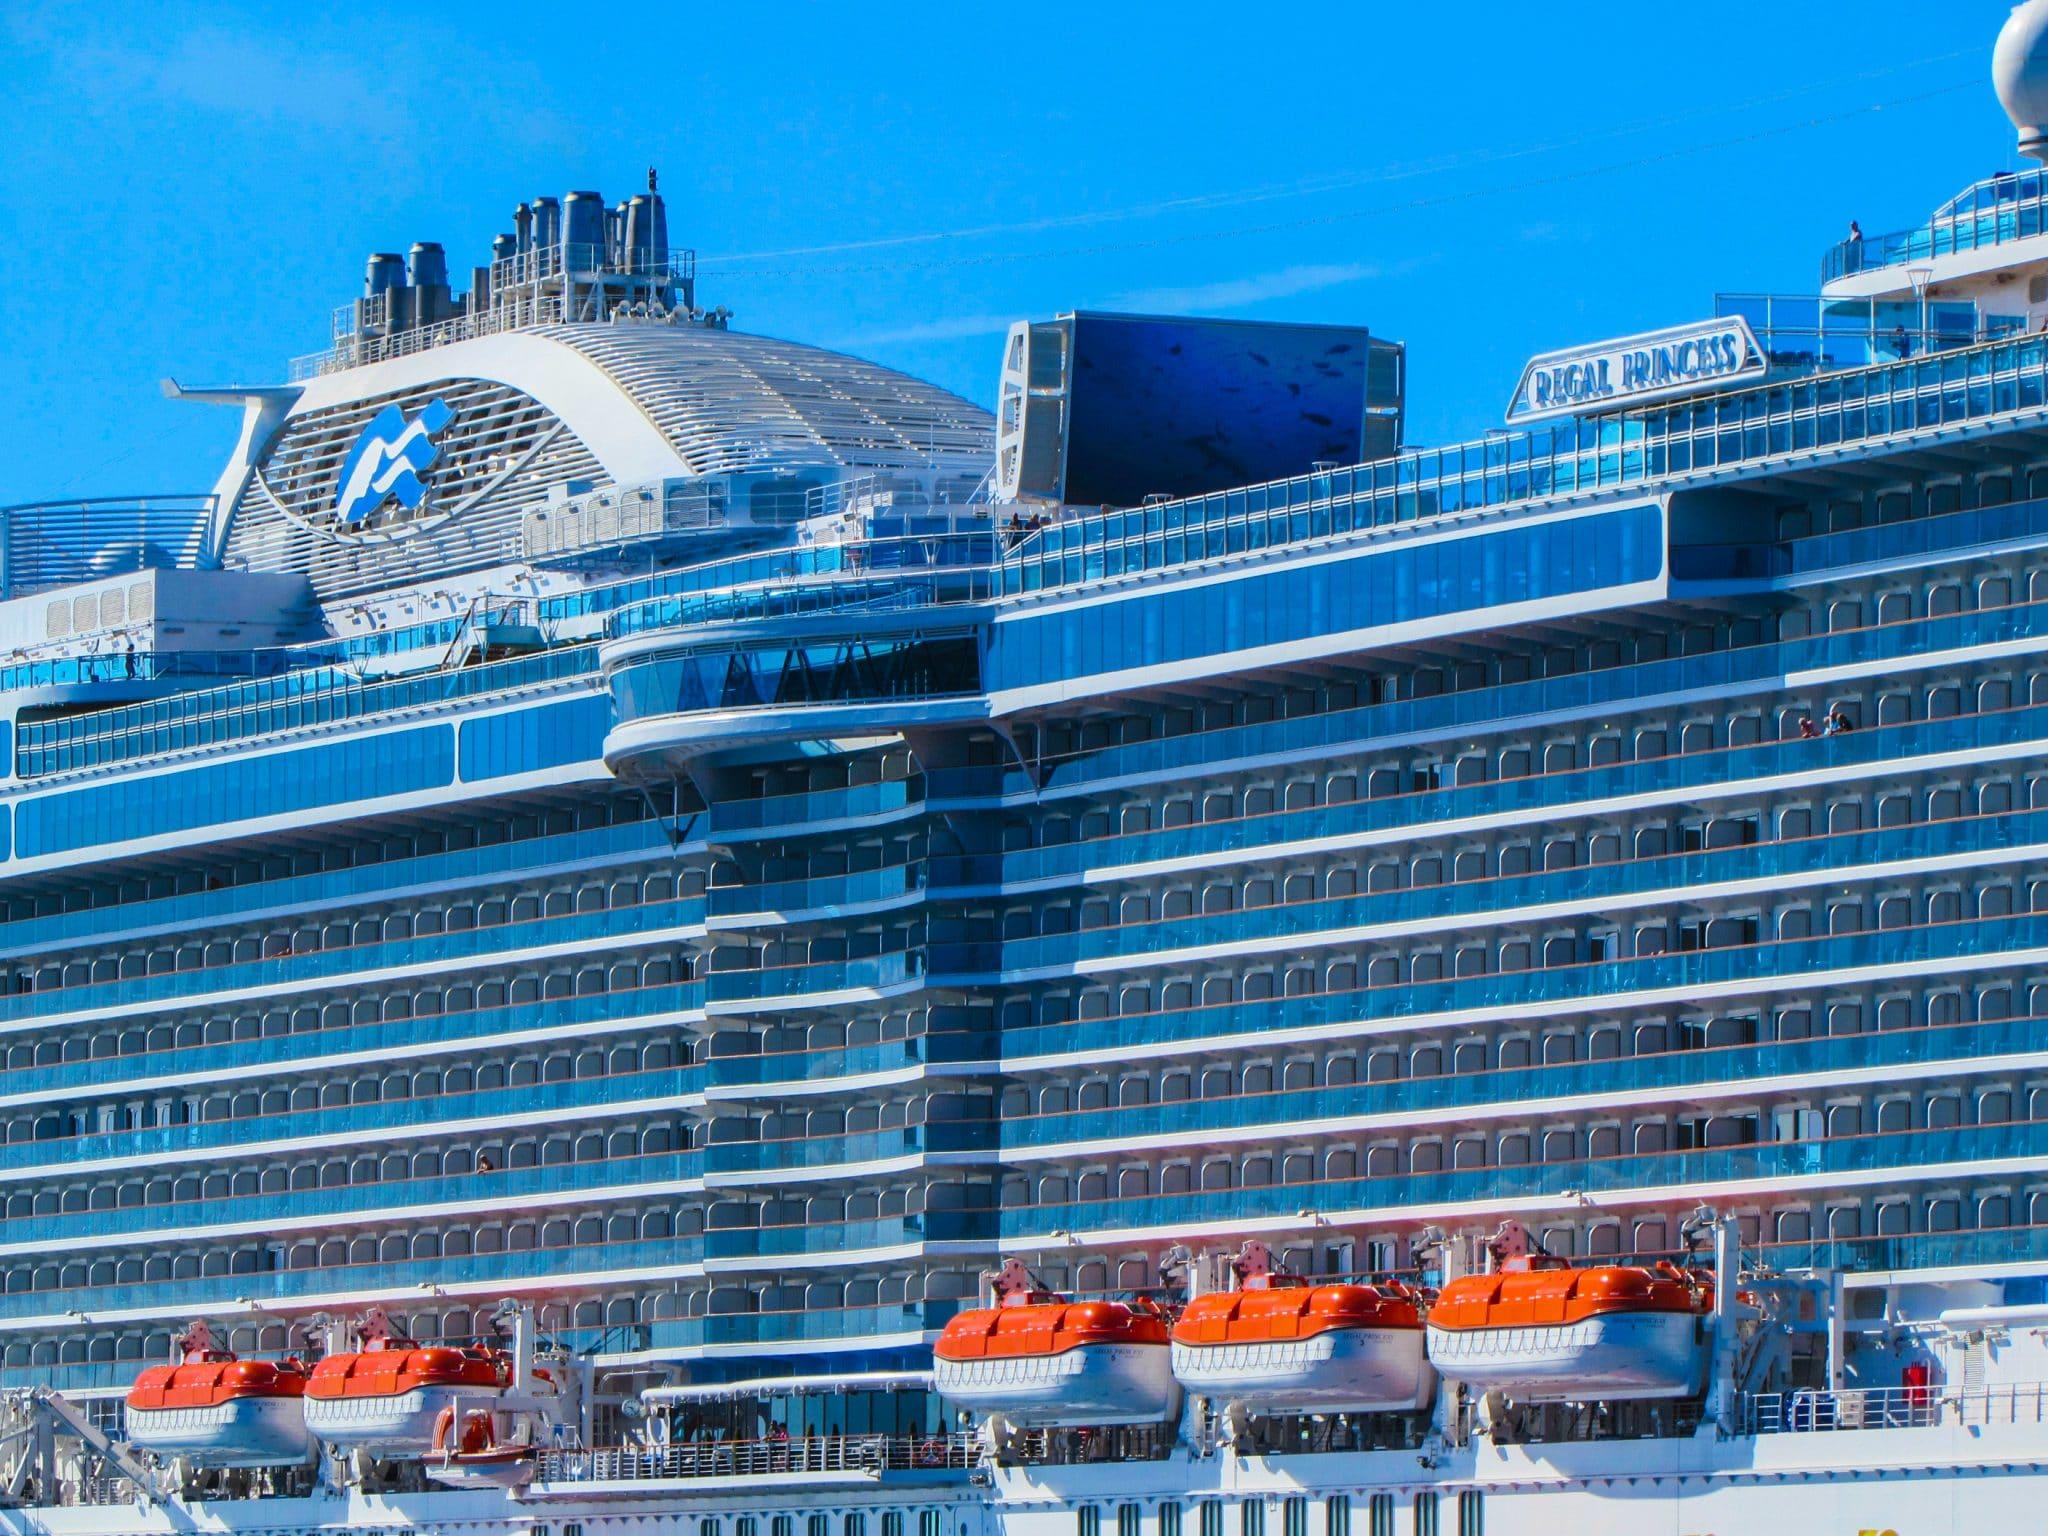 Royal princess cruises ship